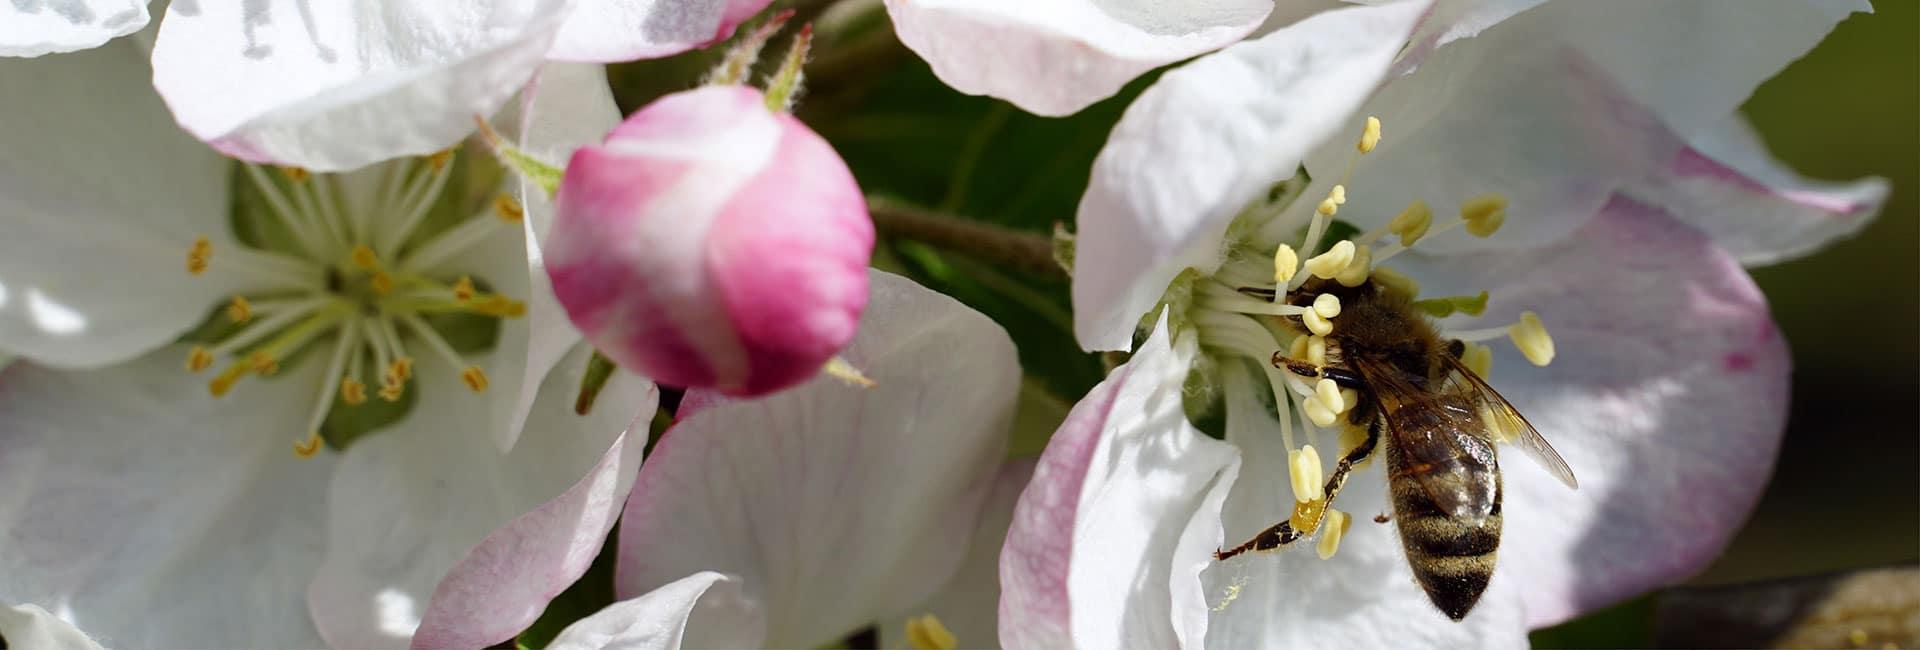 Biene in einer Blüte